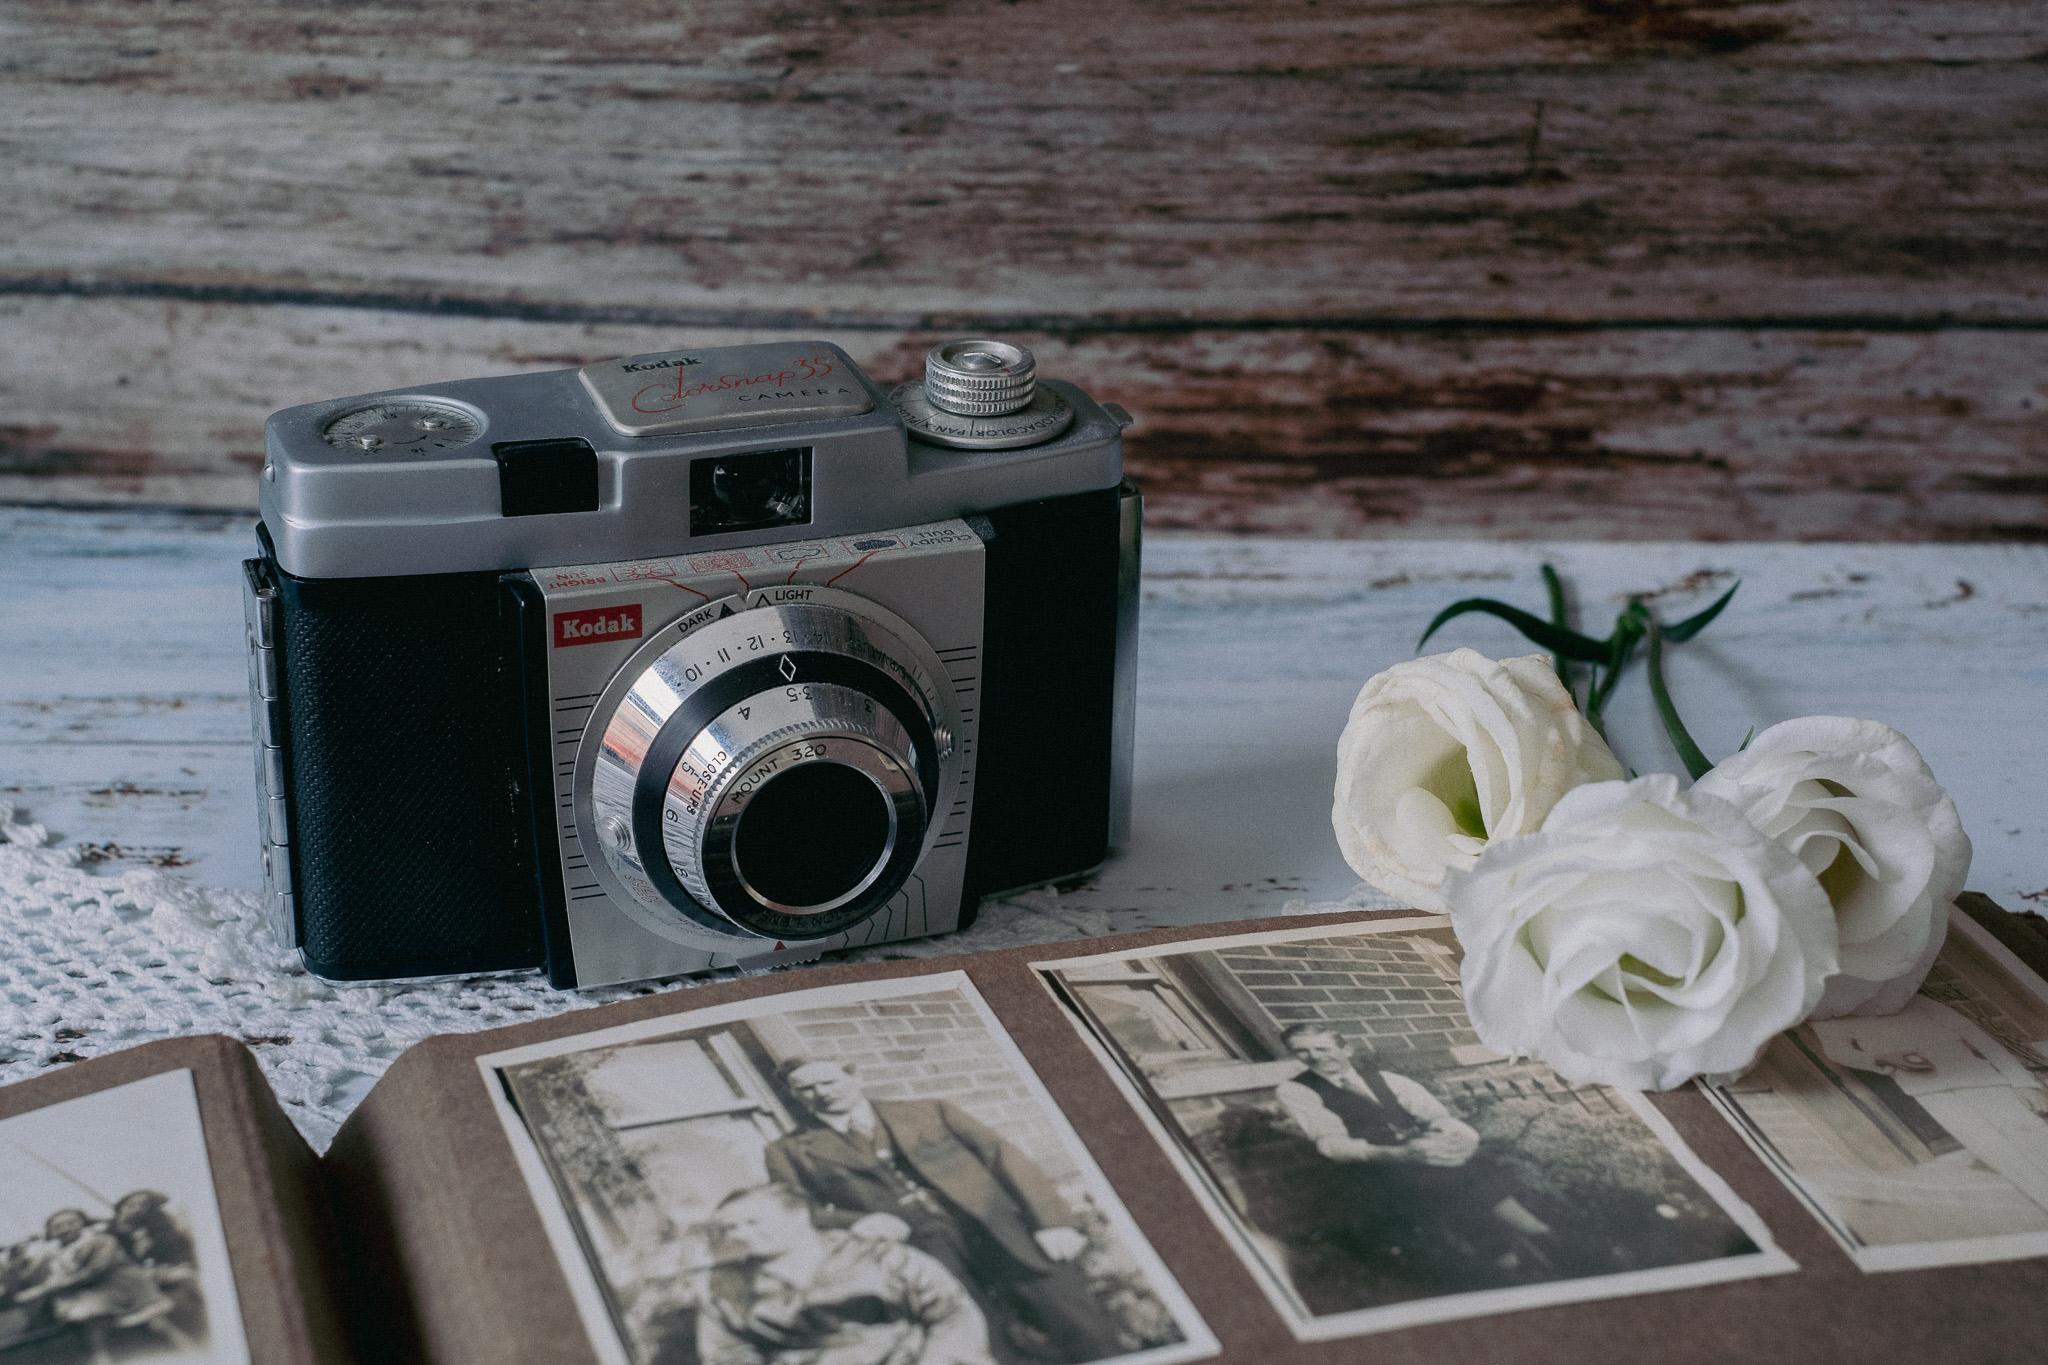 Kodak ColorSnap-35 1959, by Cj Hyslop